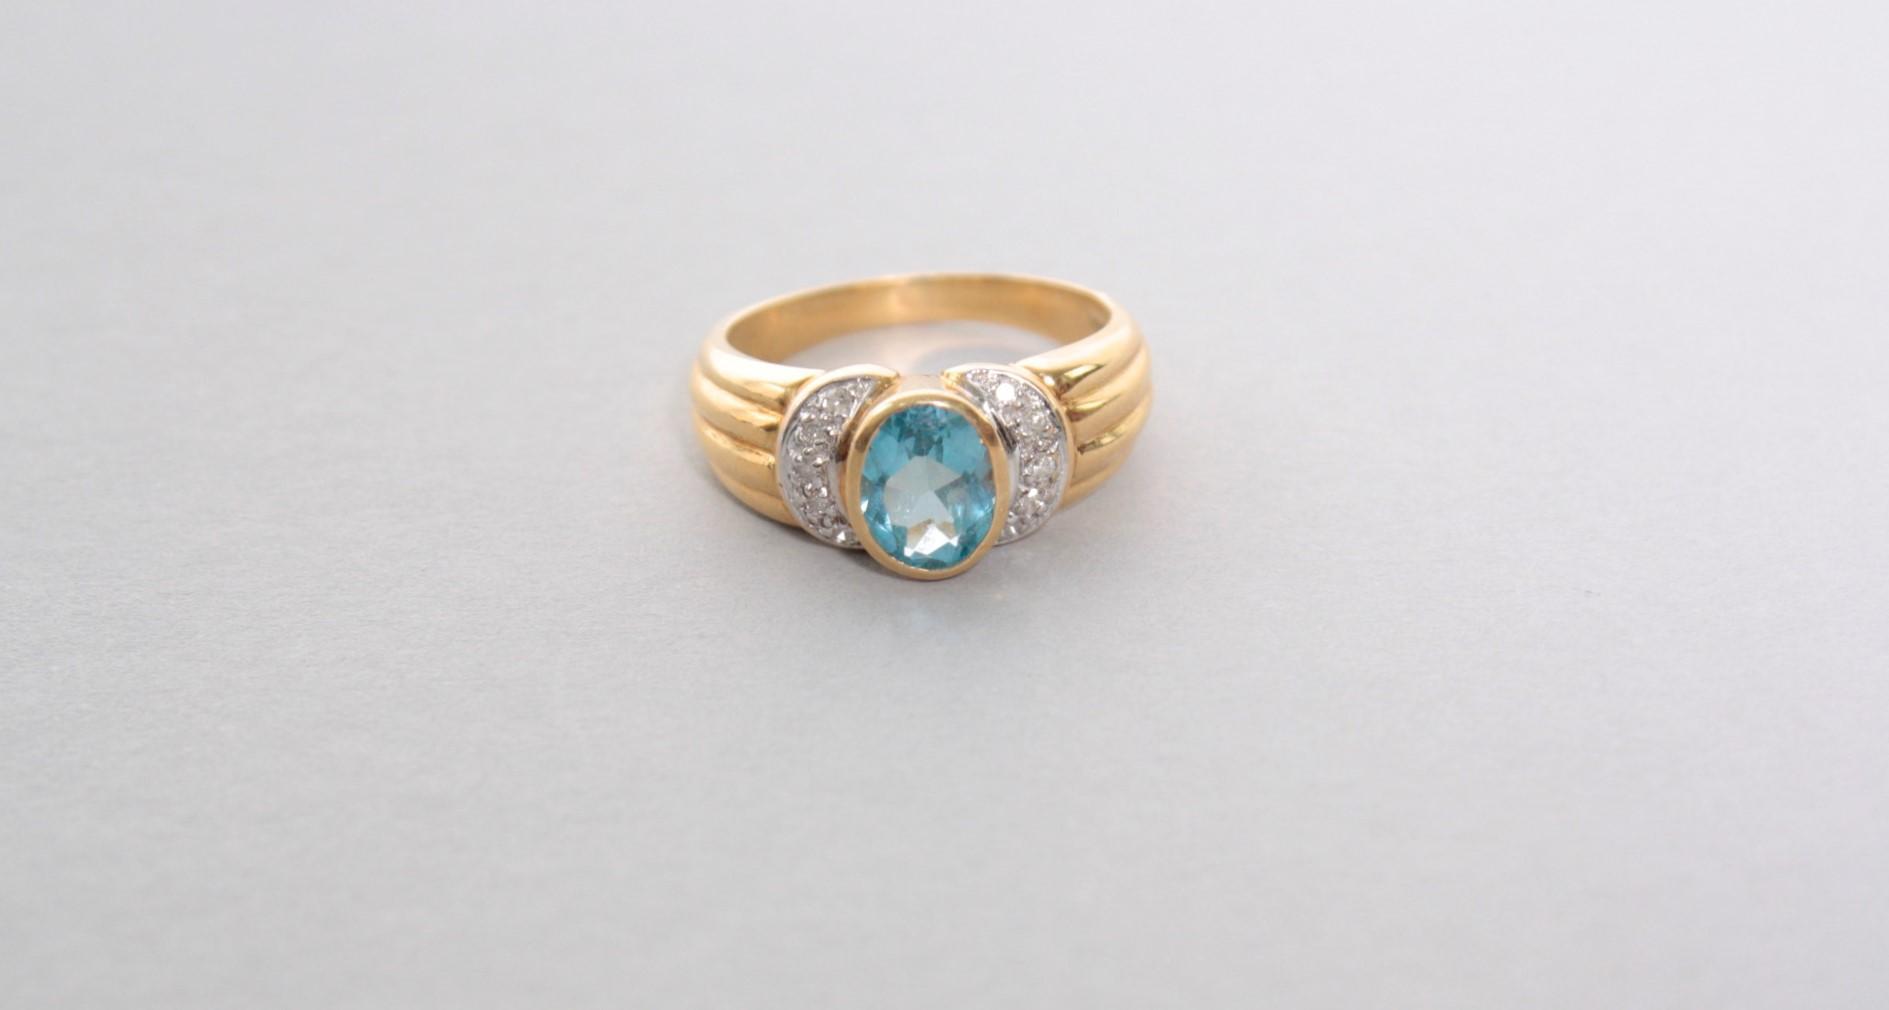 Gelbgoldring mit Blautopas und Diamanten, 18 Karat